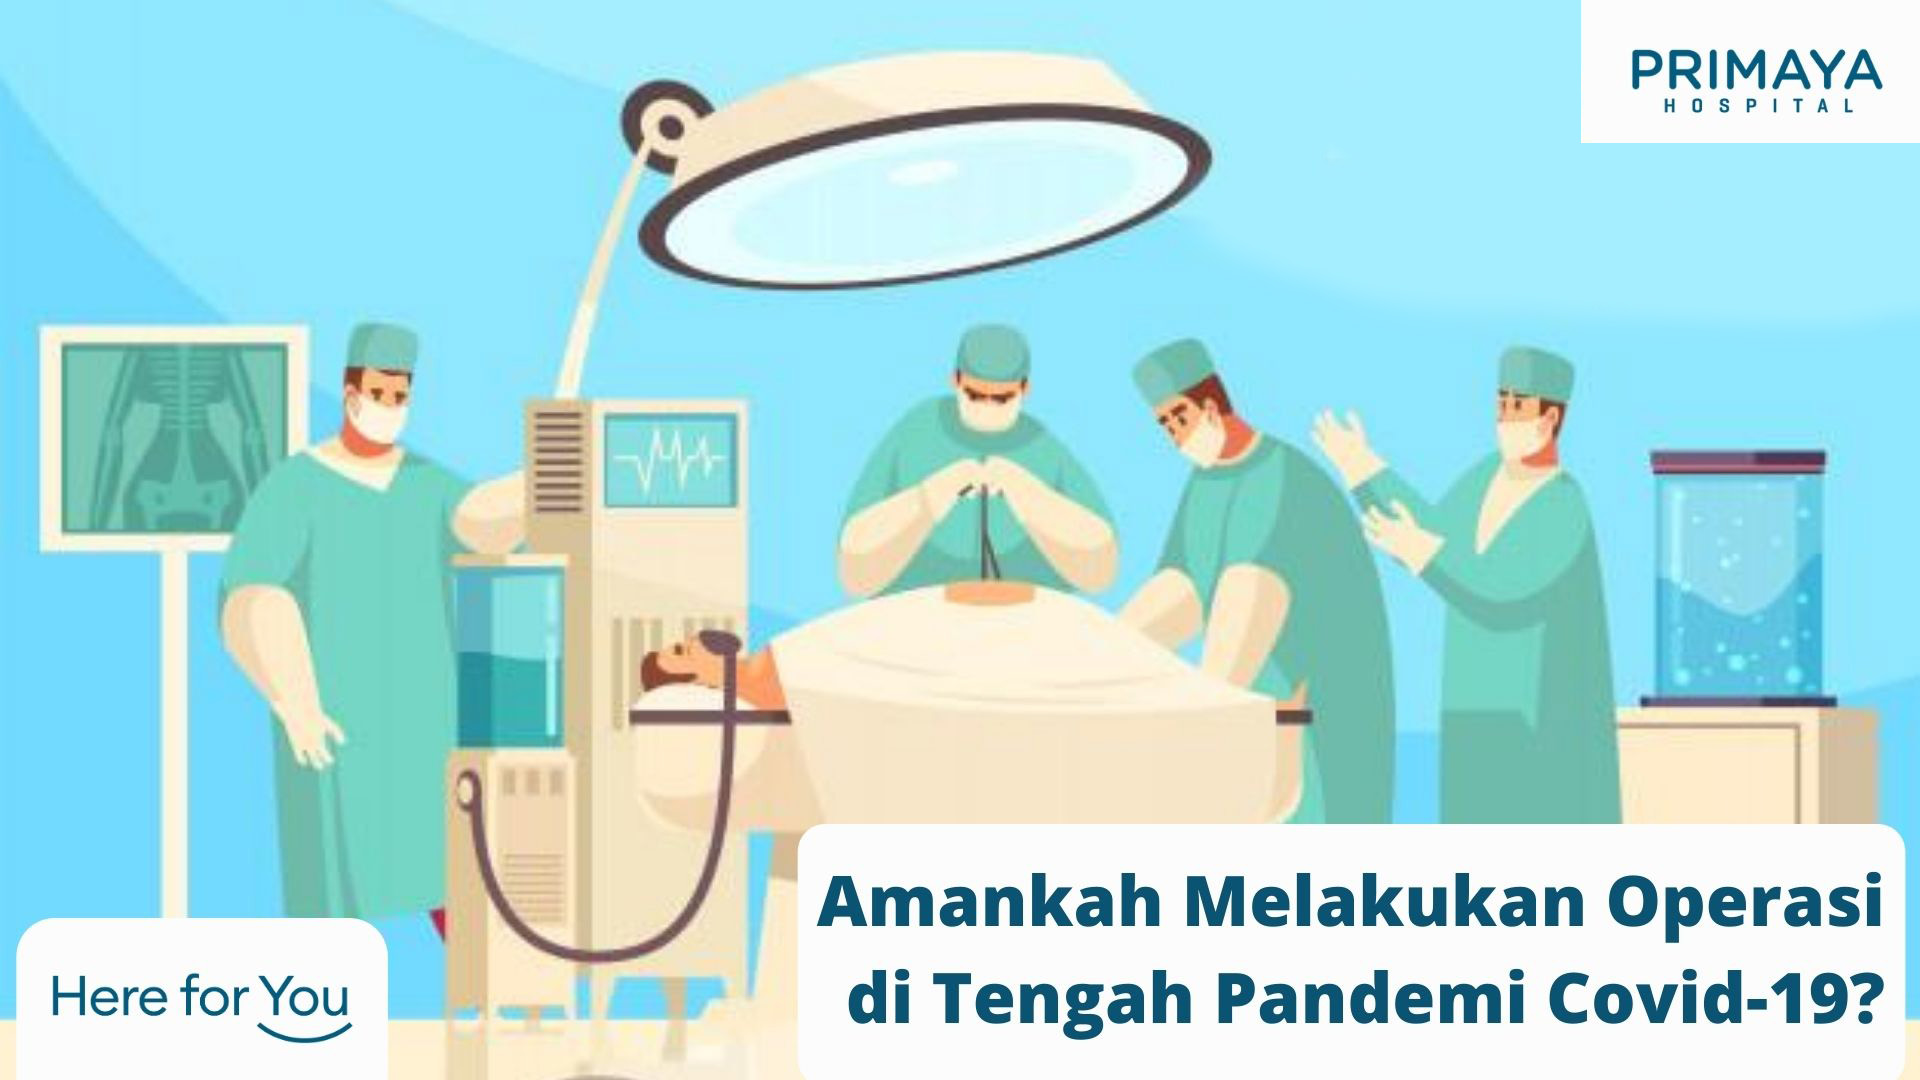 Amankah Melakukan Operasi di Tengah Pandemi Covid-19_